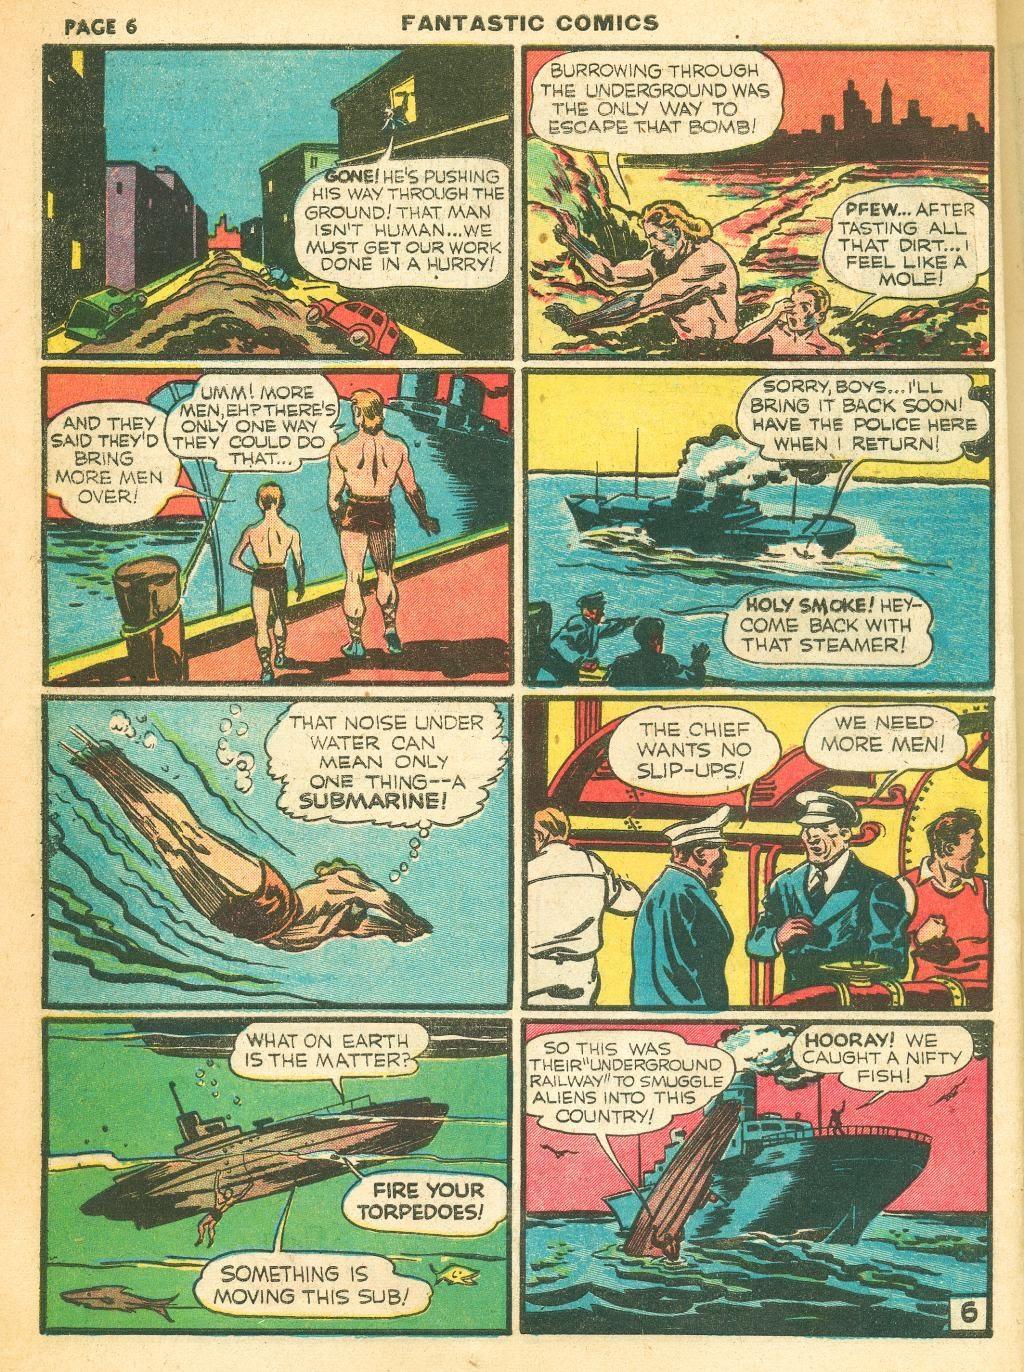 Read online Fantastic Comics comic -  Issue #12 - 8